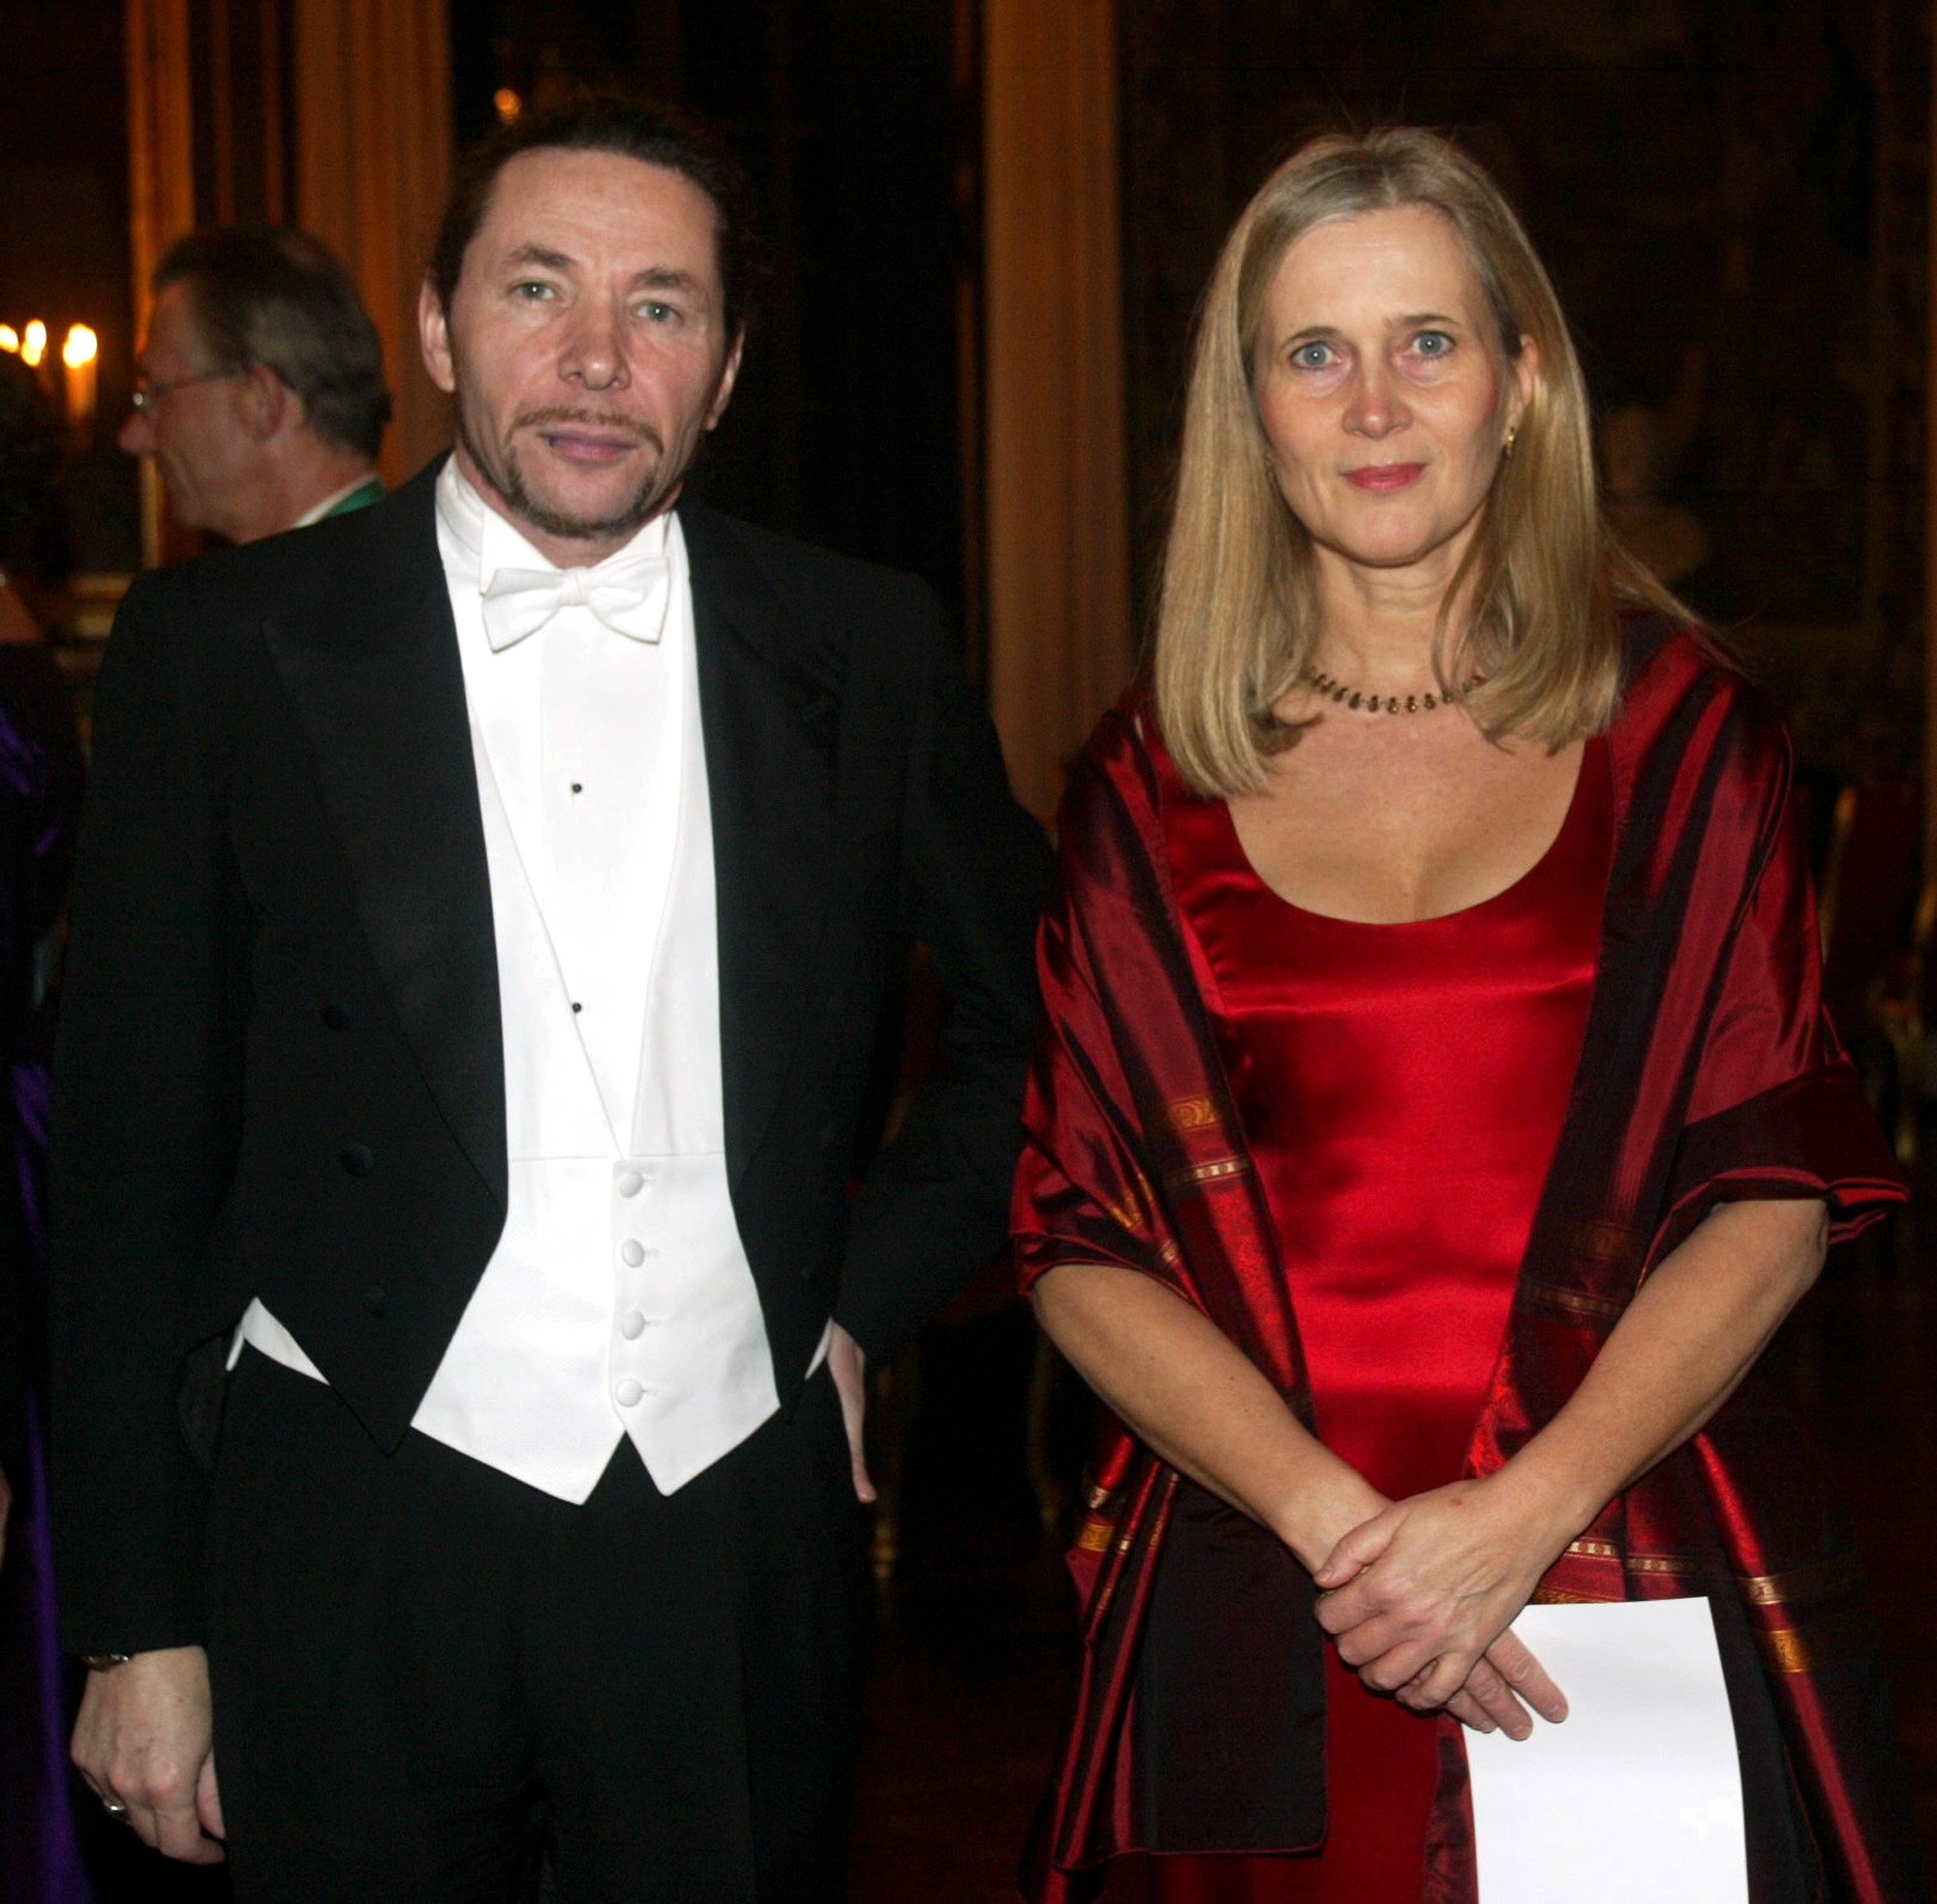 Nemi erőszak miatt két év börtönre ítélték a férfit, aki miatt nem osztanak idén irodalmi Nobel-díjat